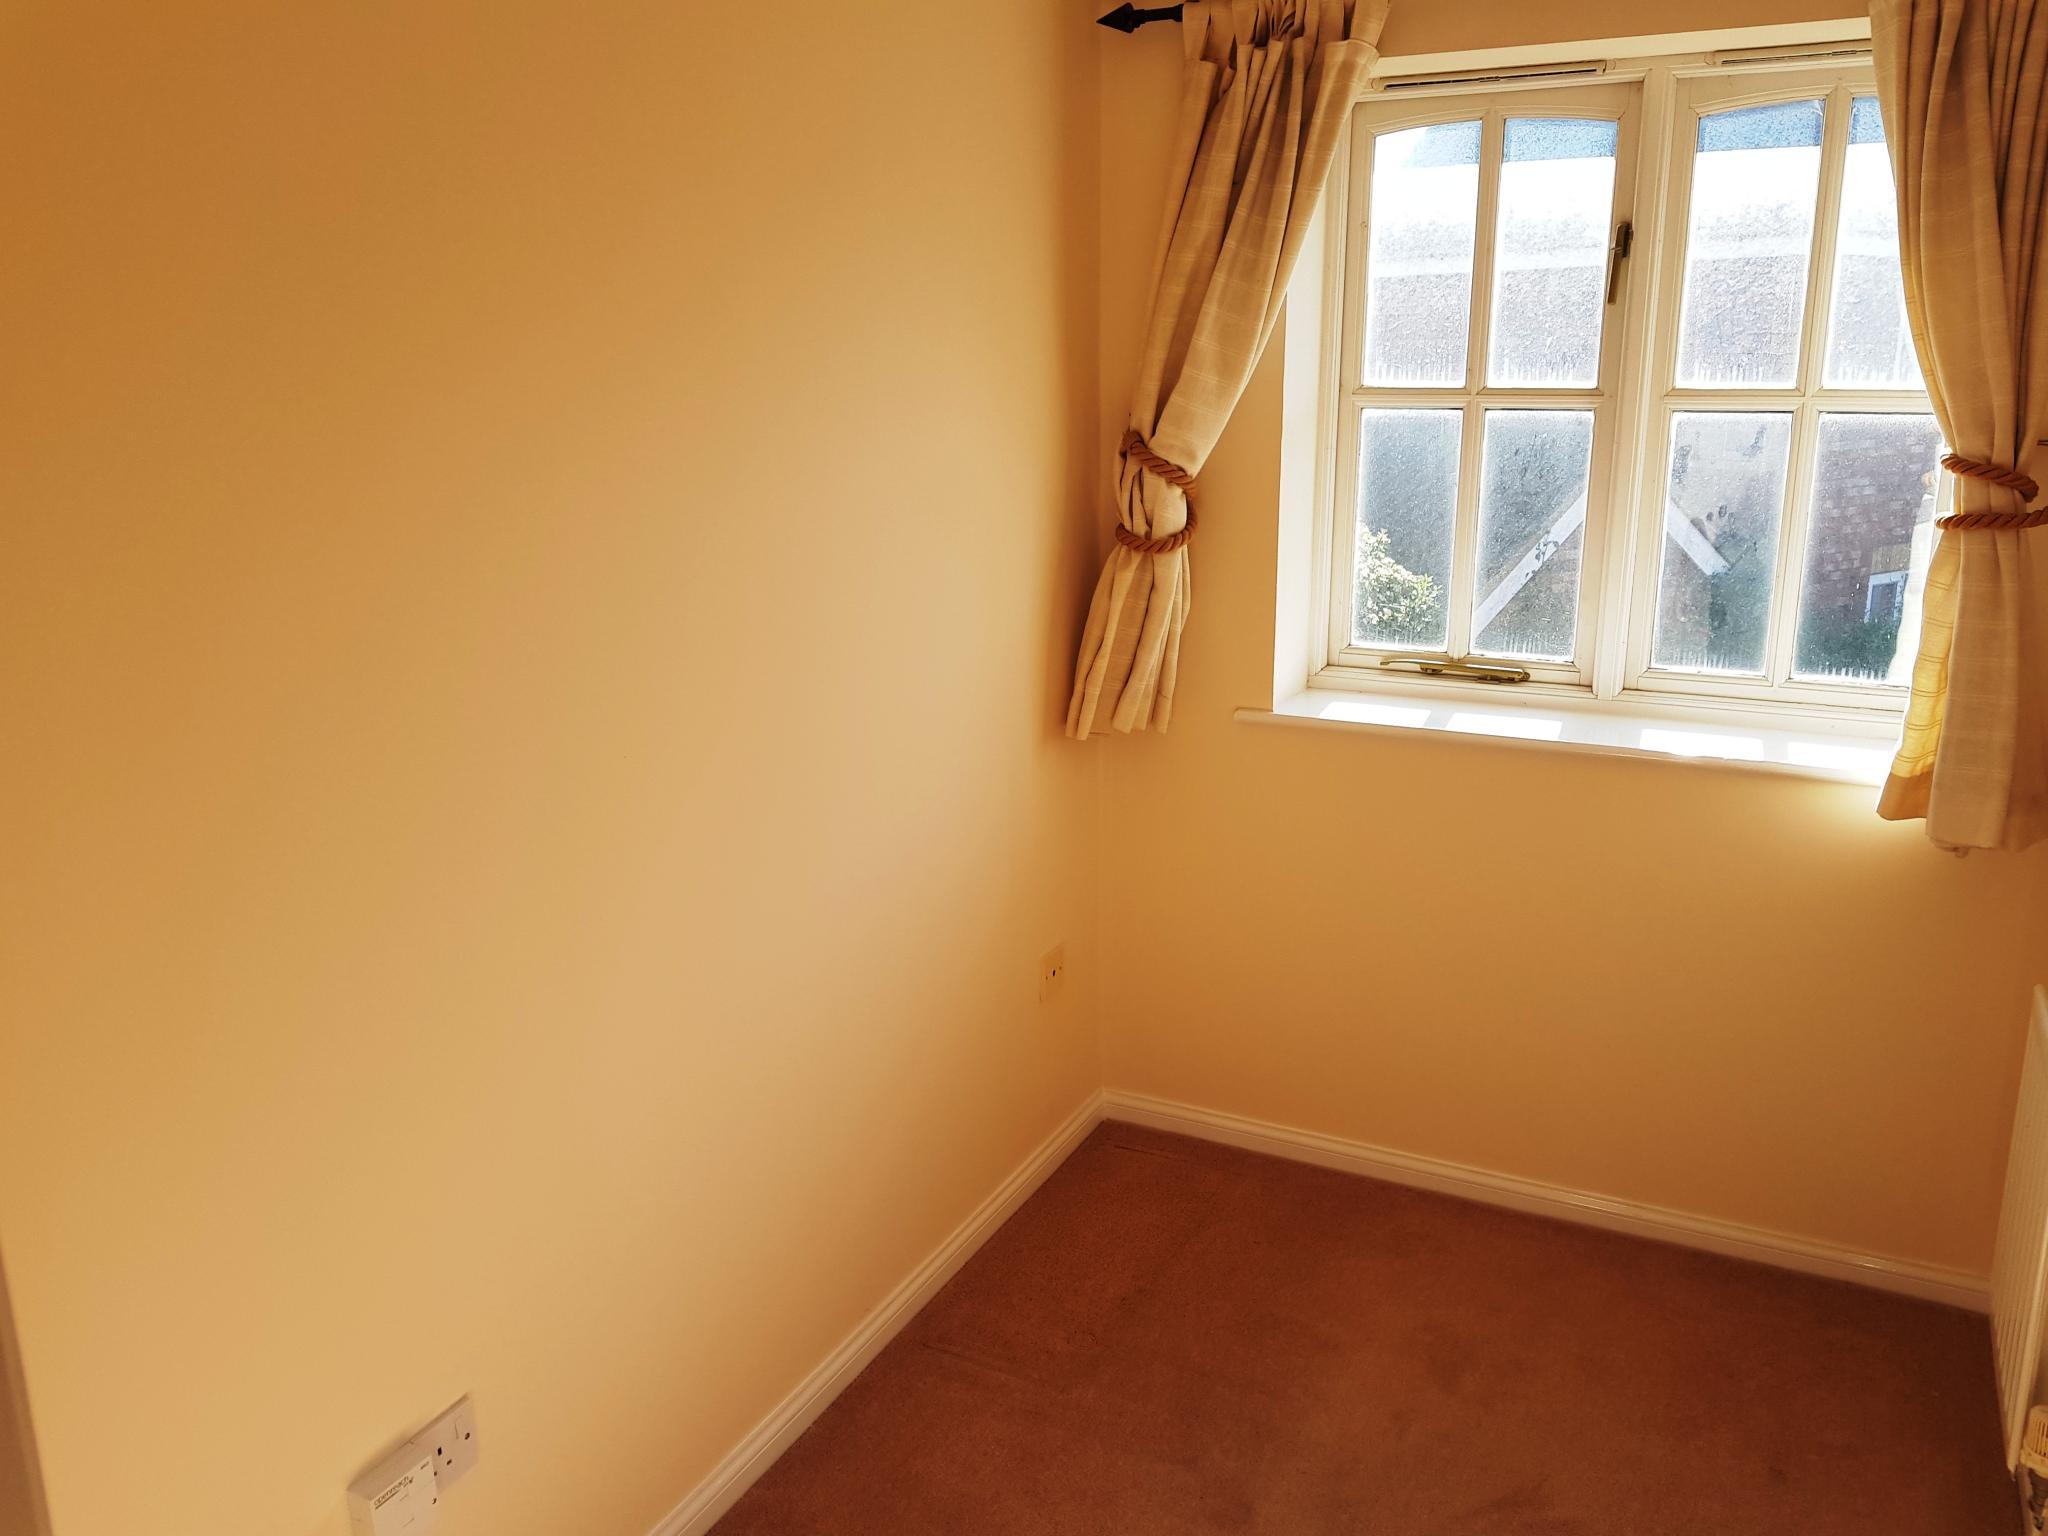 3 bedroom detached house SSTC in Ipswich - 8